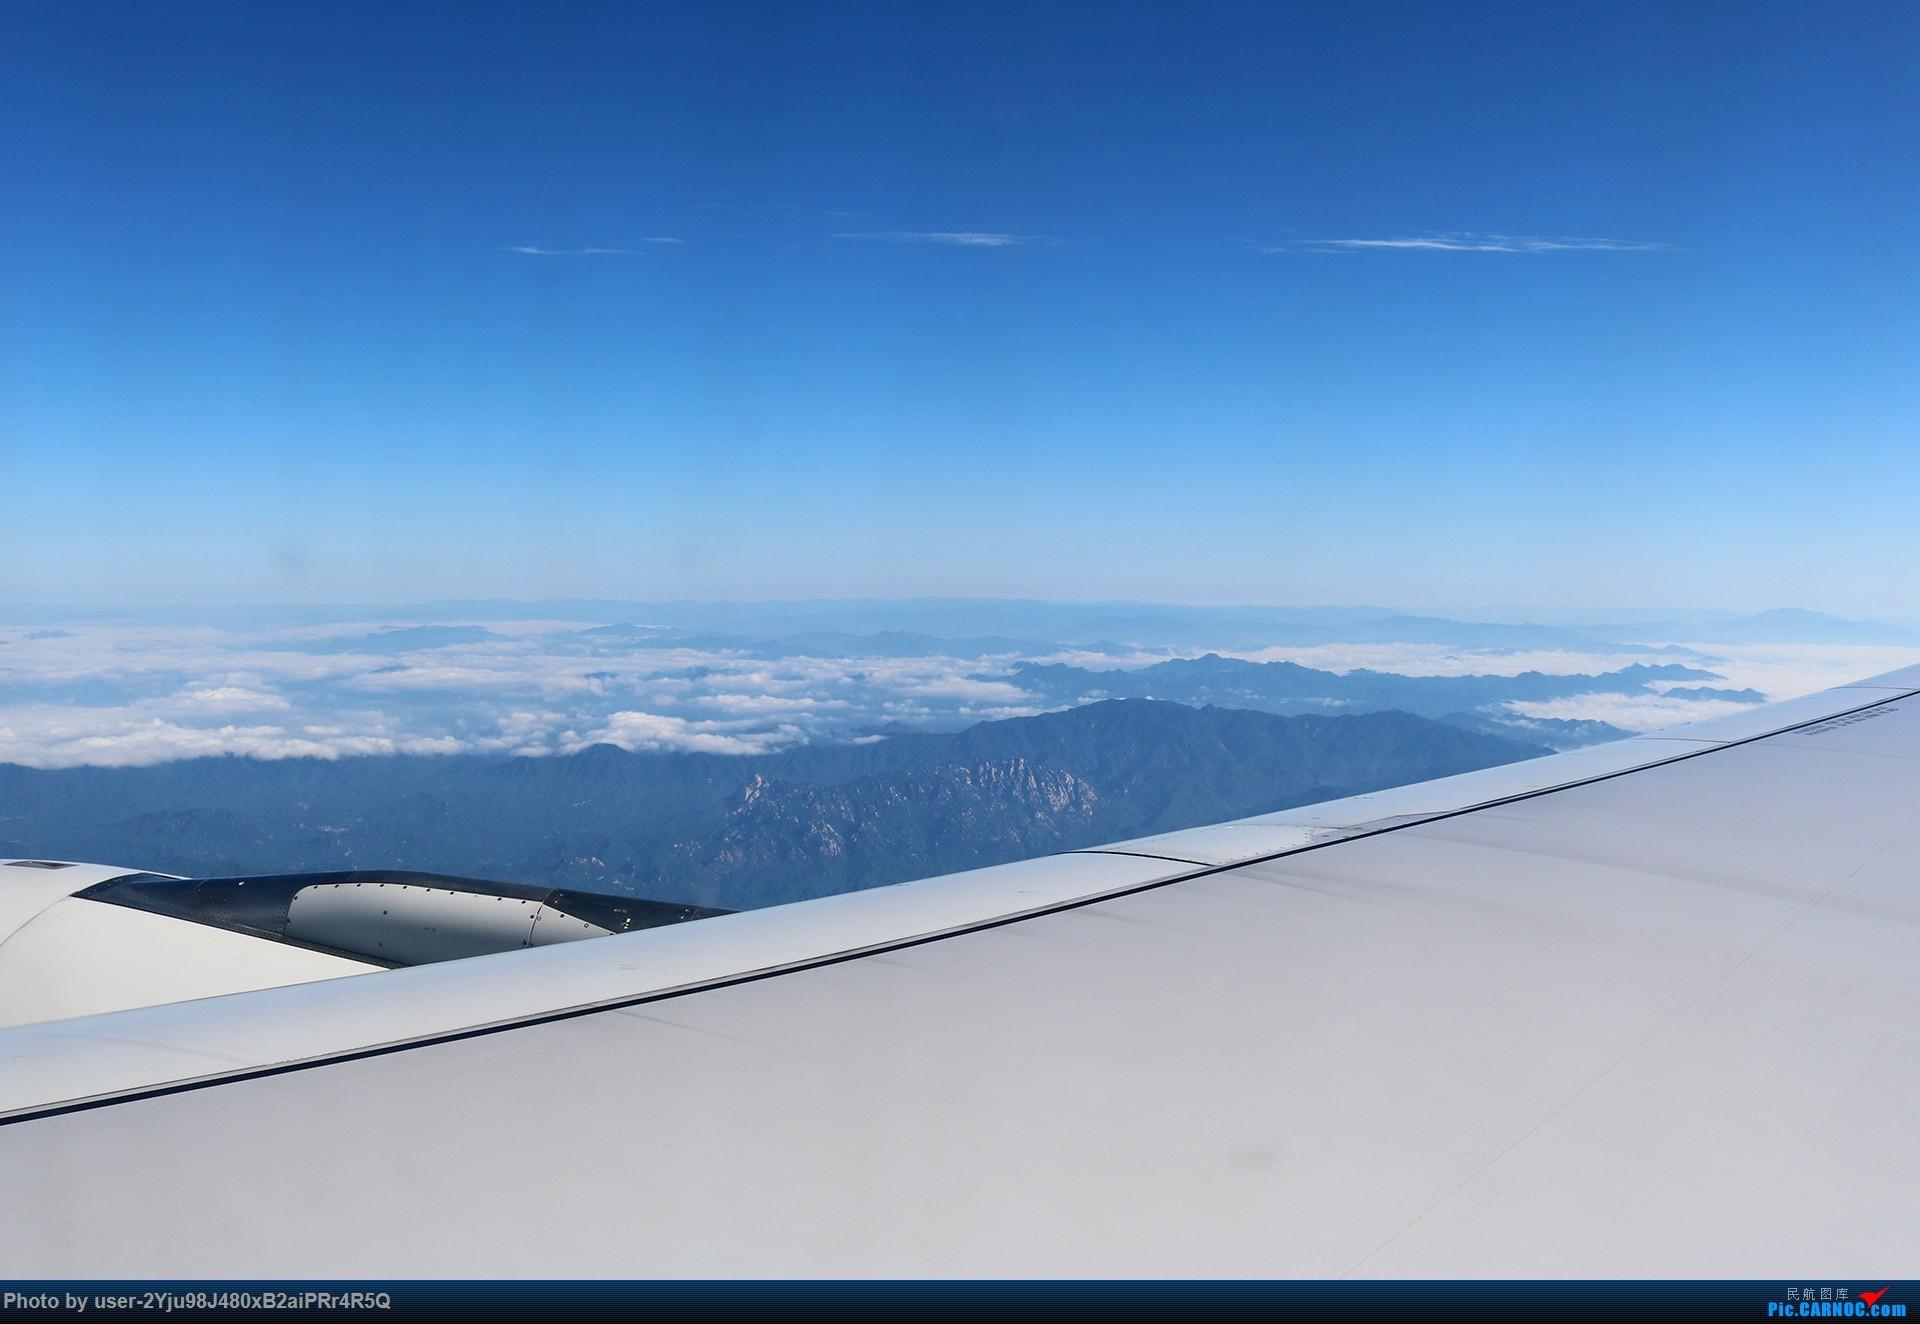 Re:[原创]LIULIU|一天两种机型三个国家四段航线五座城市的回家之路|西伯利亚上空的星光